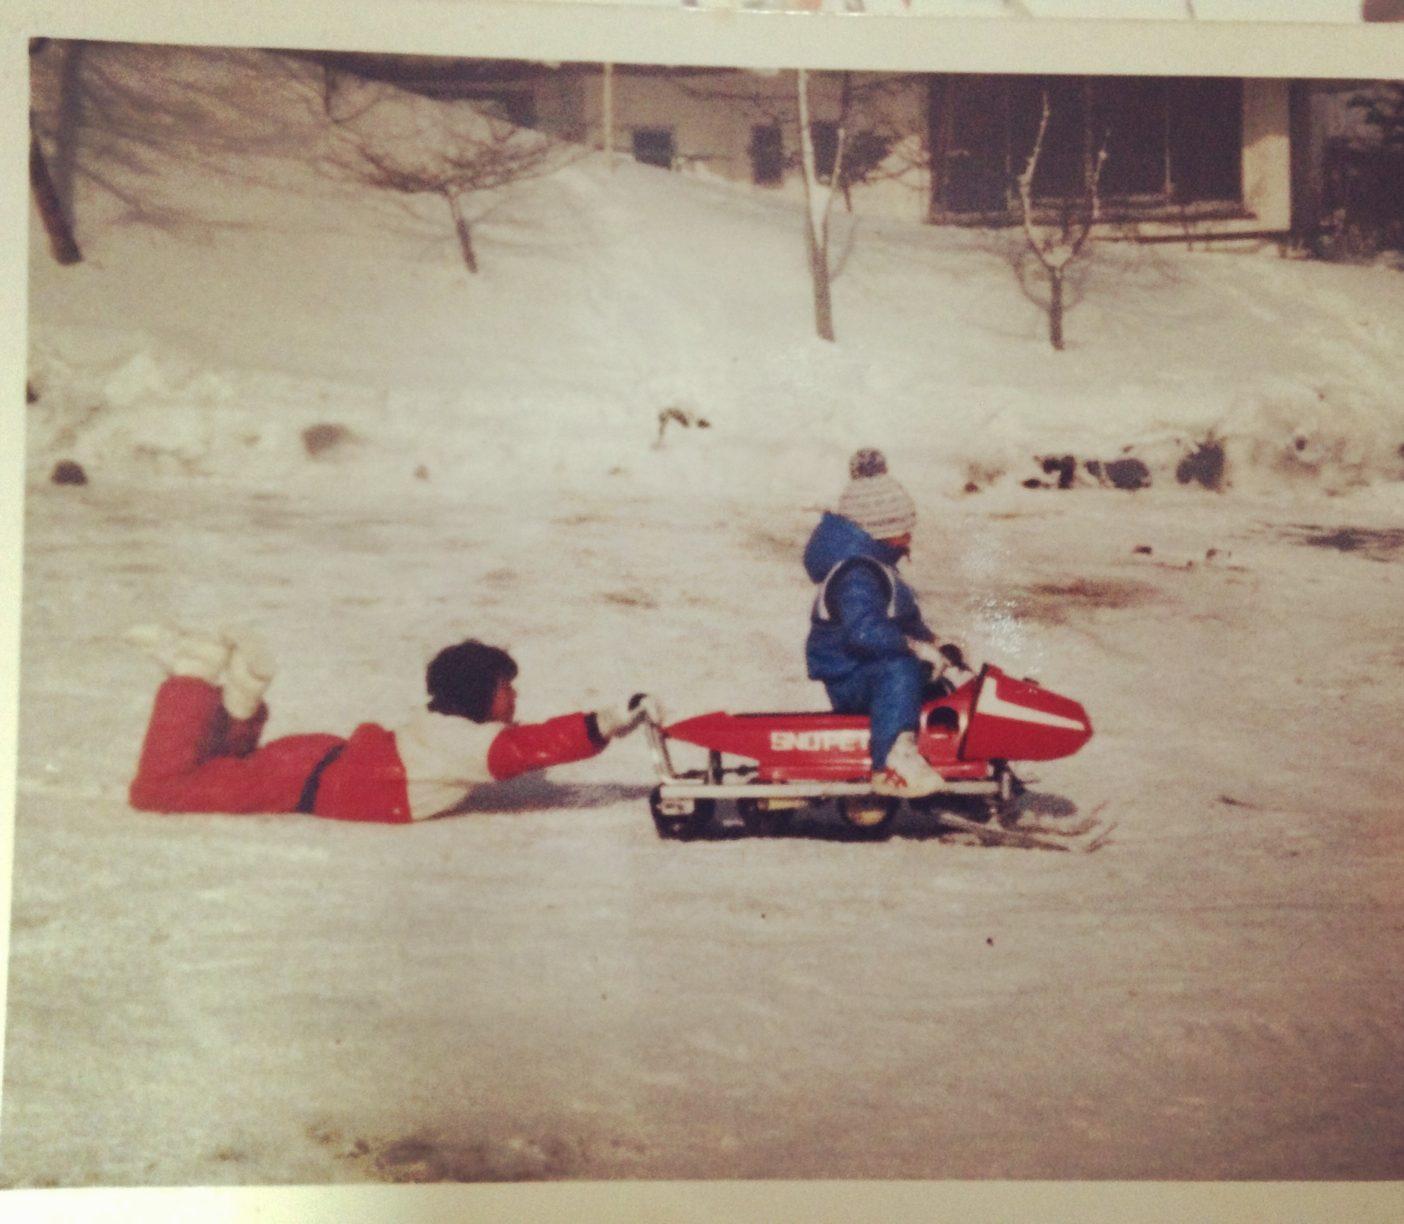 幼いころは夏も冬も山で遊ぶことが多かった。前方で「へへ〜」と私、後ろが「おい、待て〜!」と兄。4歳ごろだろうか。写真:眞木勇人